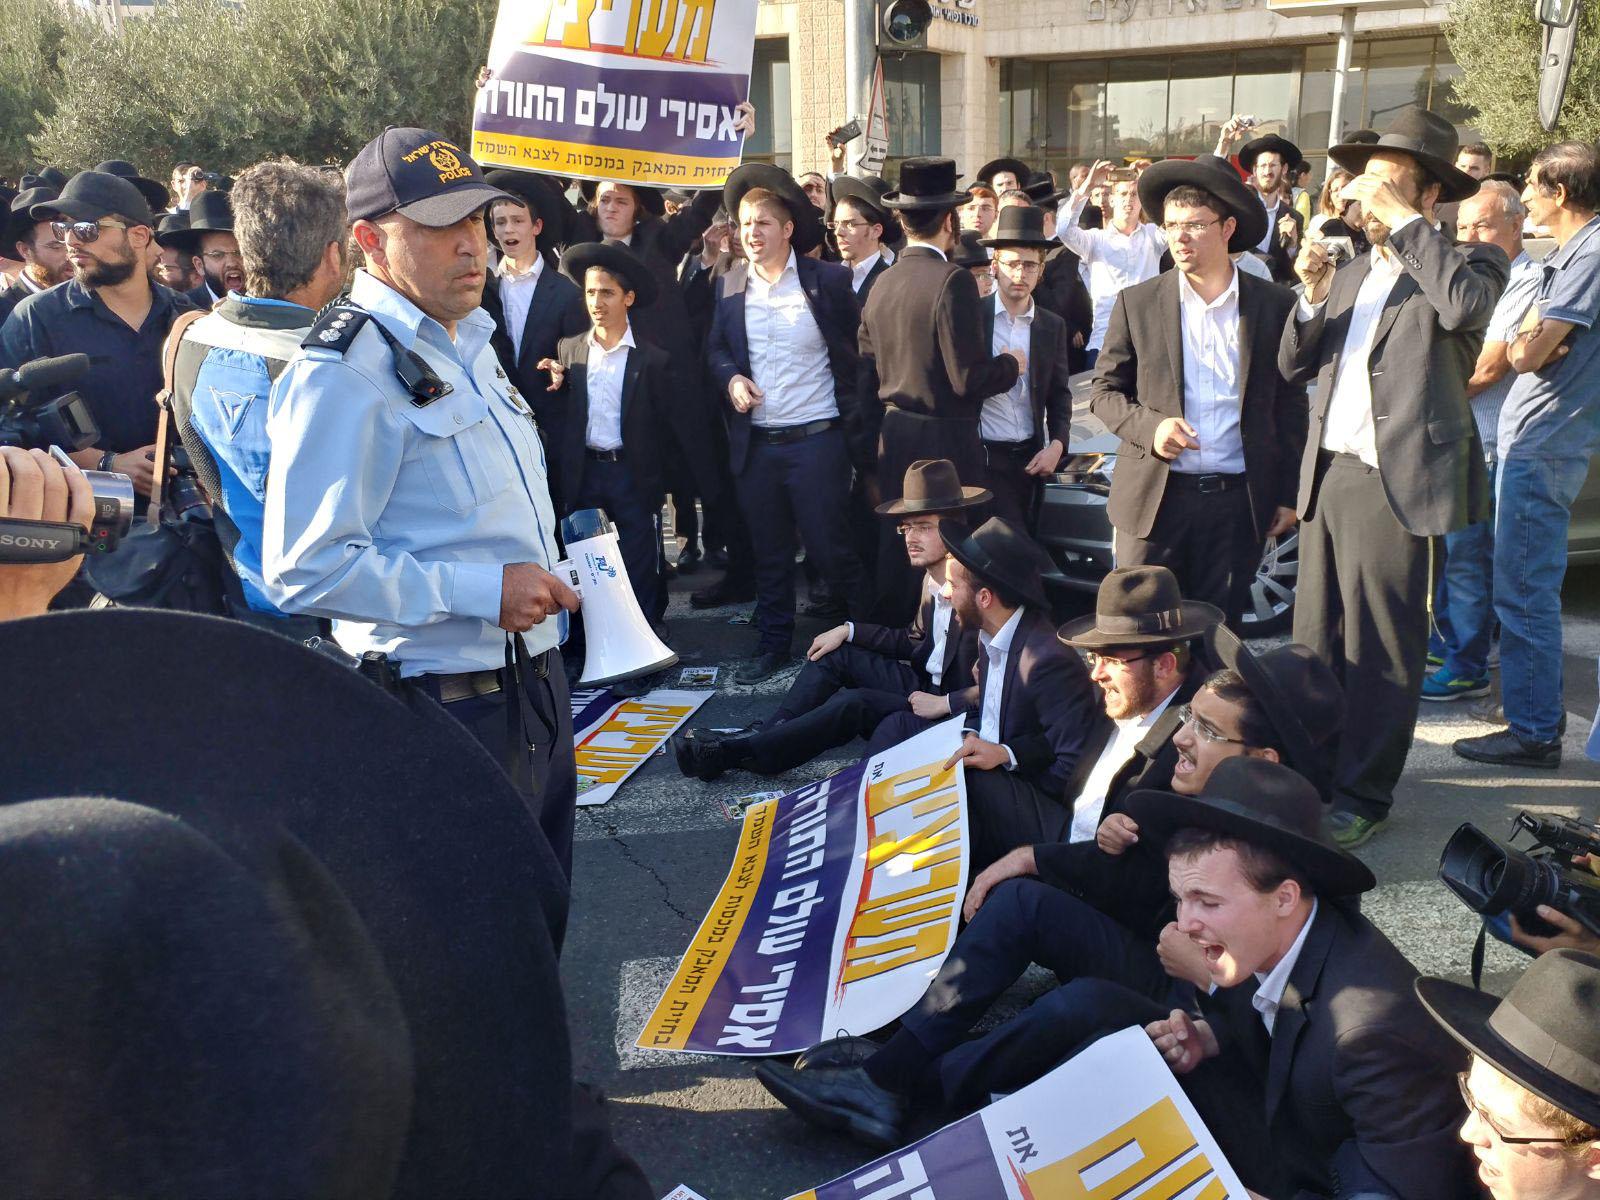 הפגנות חרדים סמוך לתחנה המרכזית (צילום: דוברות המשטרה)